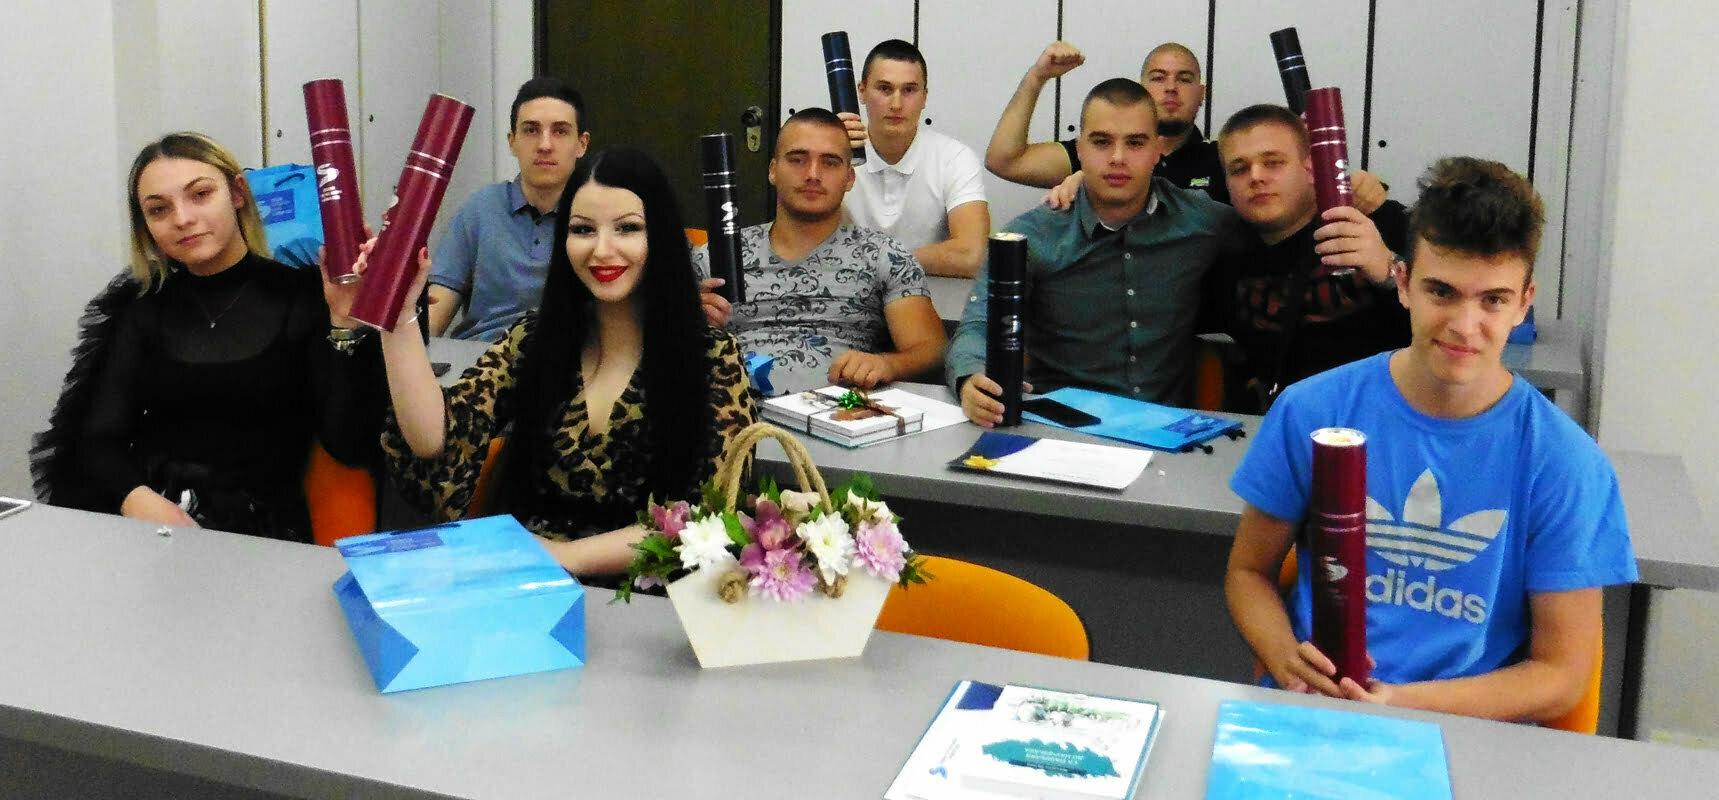 Srednja stručna škola u Novom Sadu